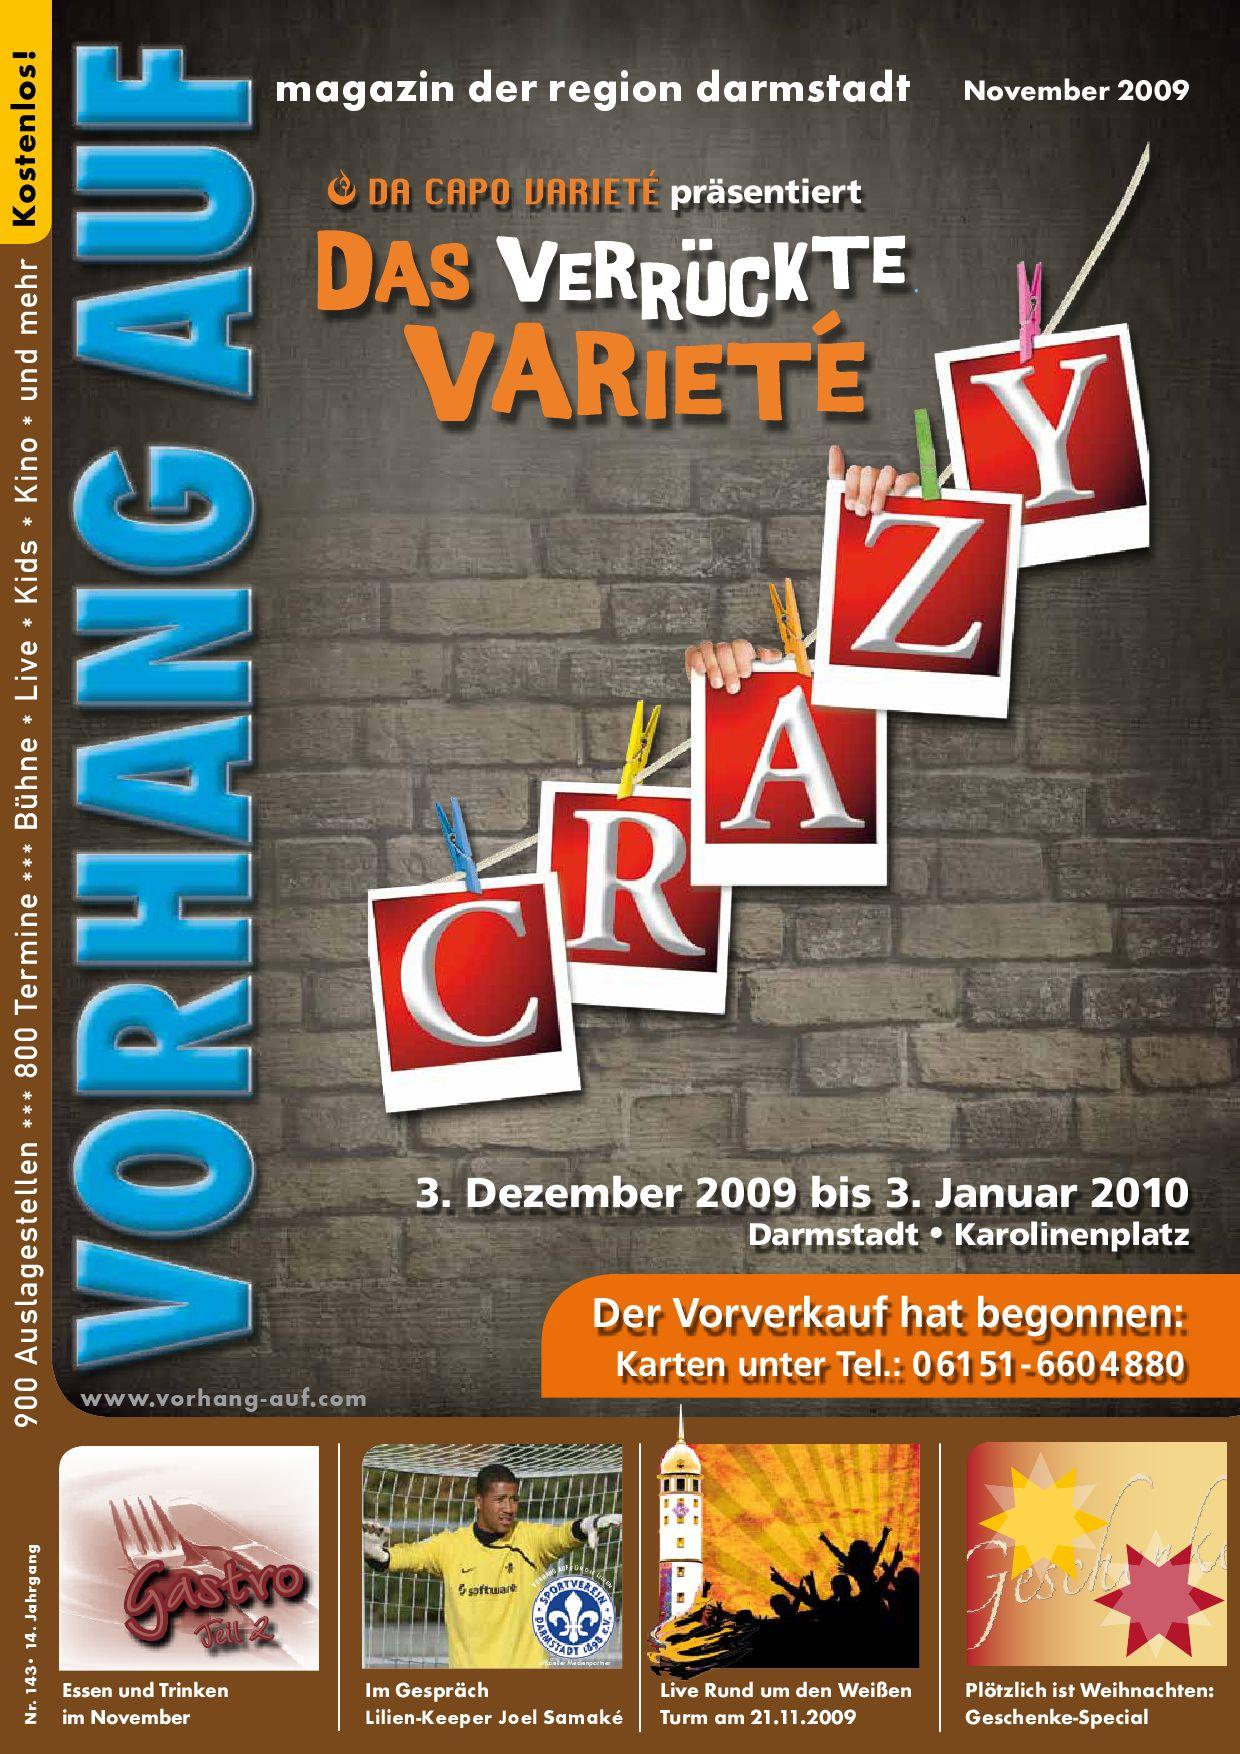 VORHANG AUF November Ausgabe by VORHANG AUF - issuu